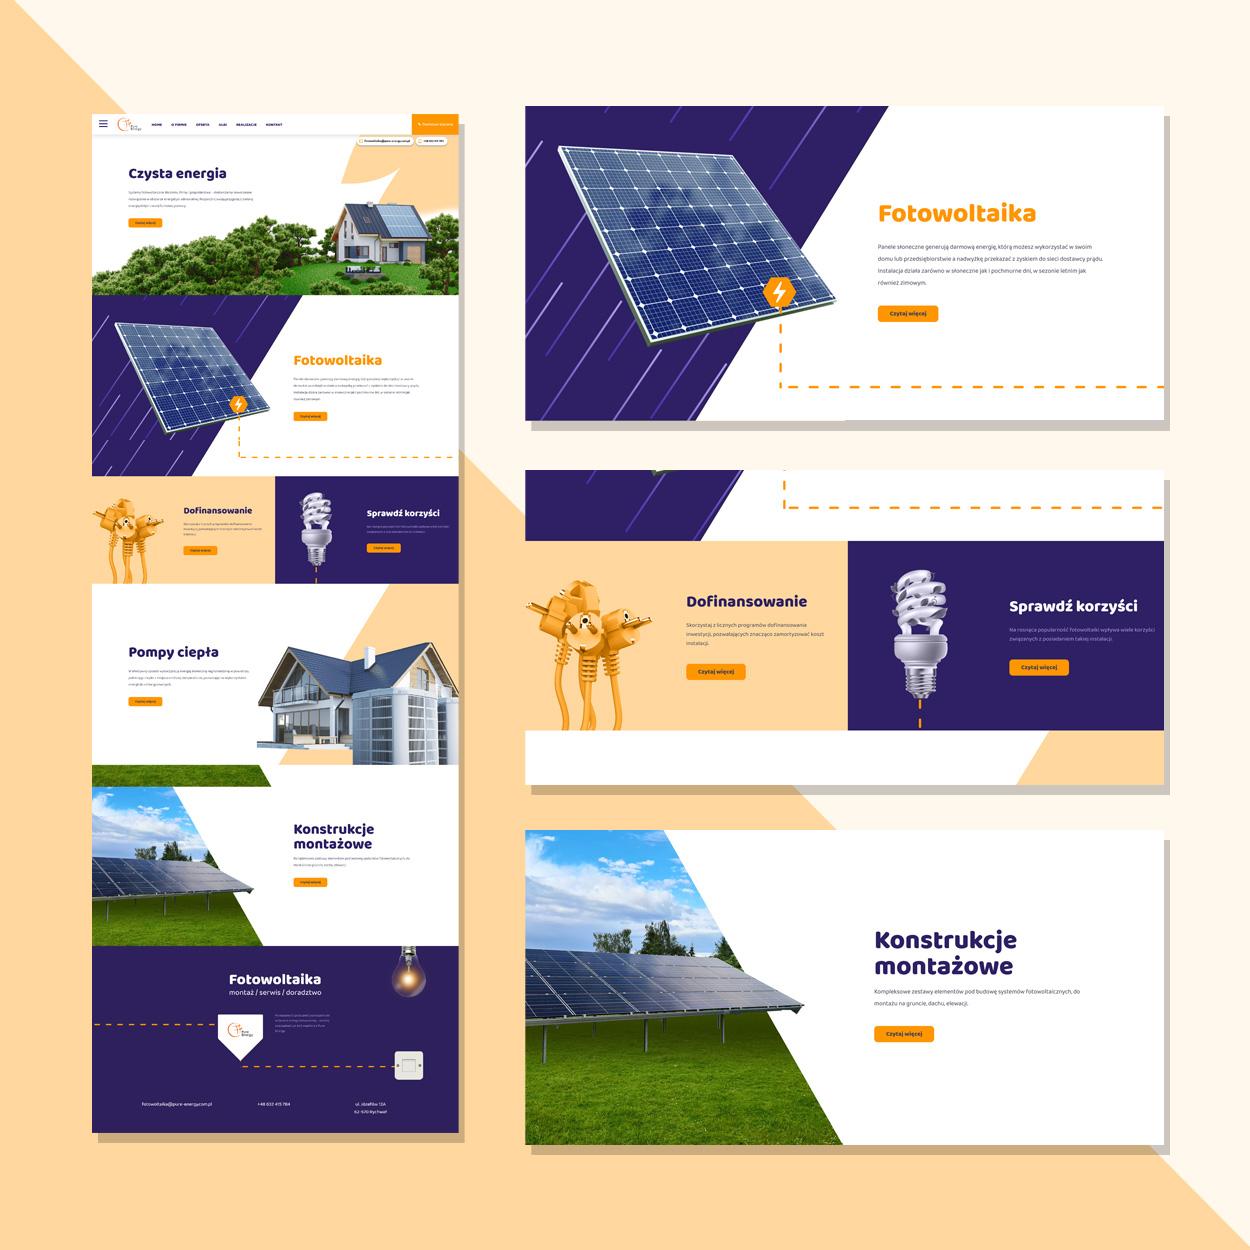 projektowanie strona www dla firmy fotowoltaika pv pure energy 2 - Strona internetowa dla firmy fotowoltaika / OZE - Pure Energy